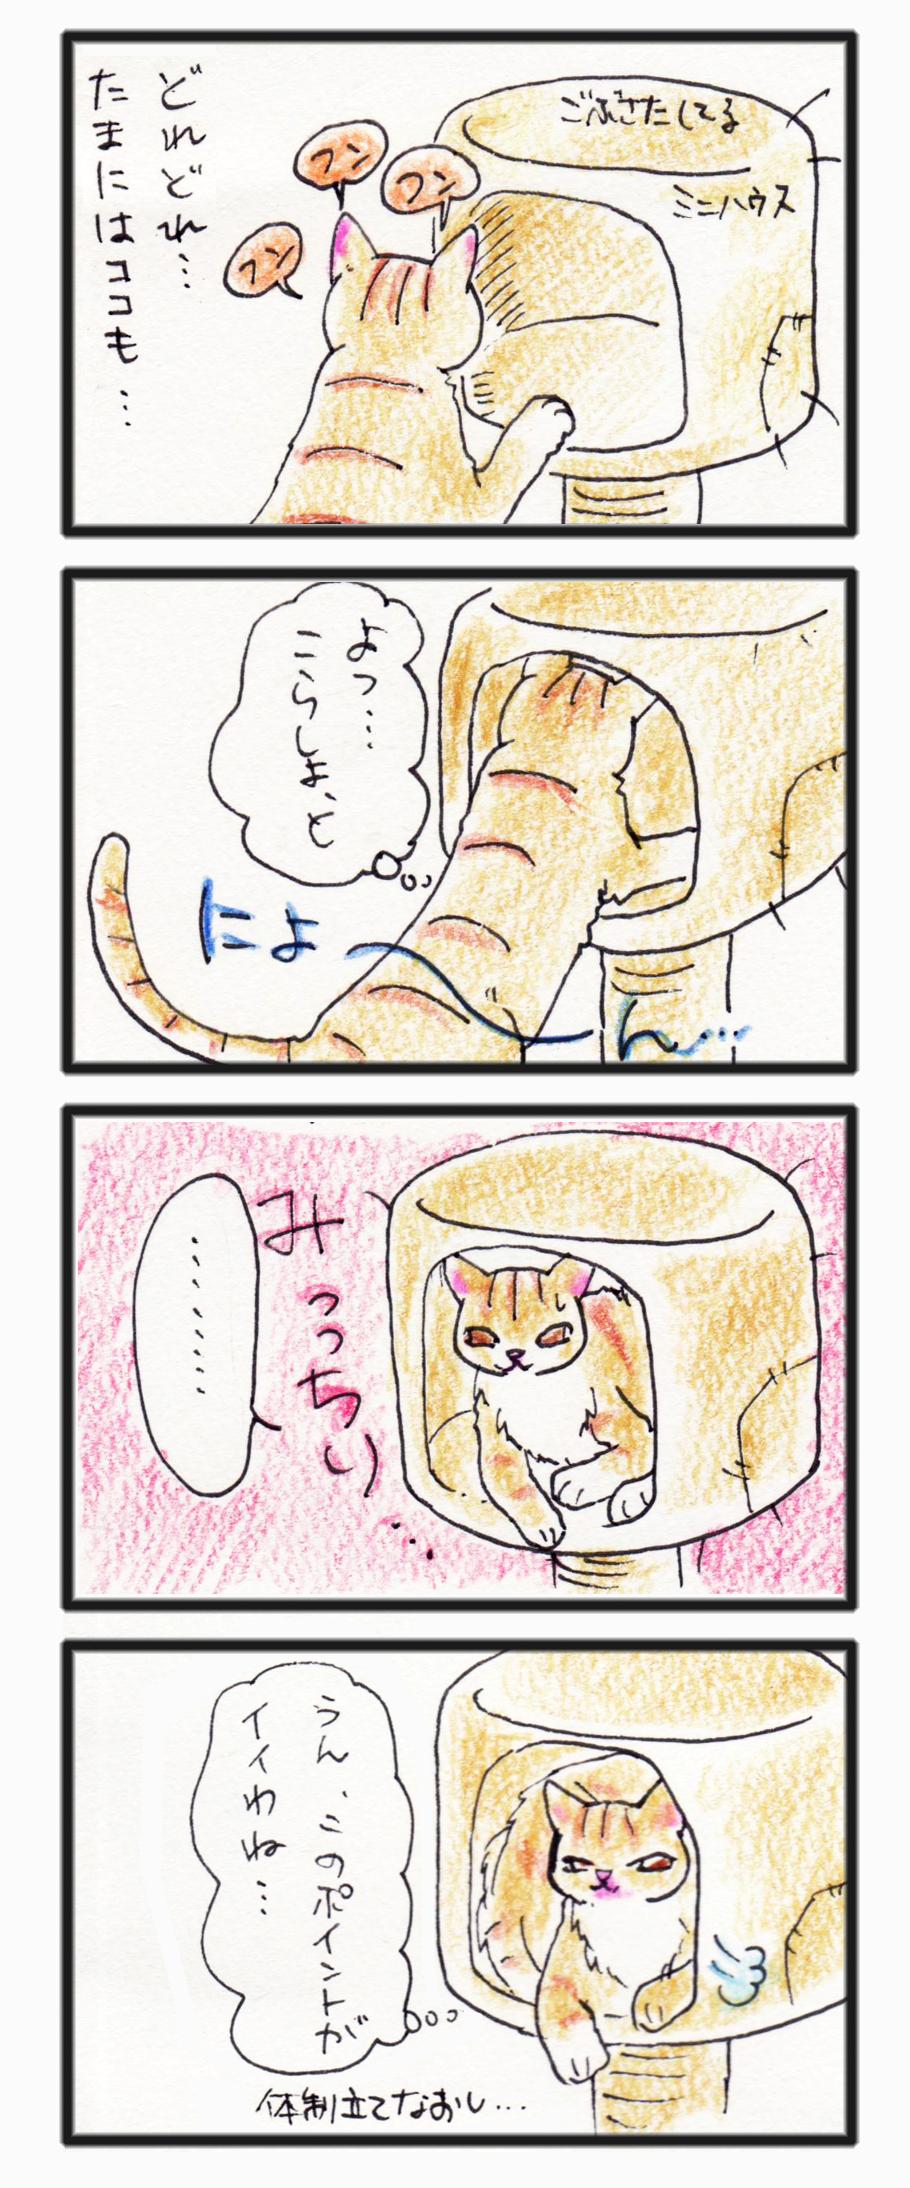 comic_4c_14041001.jpg